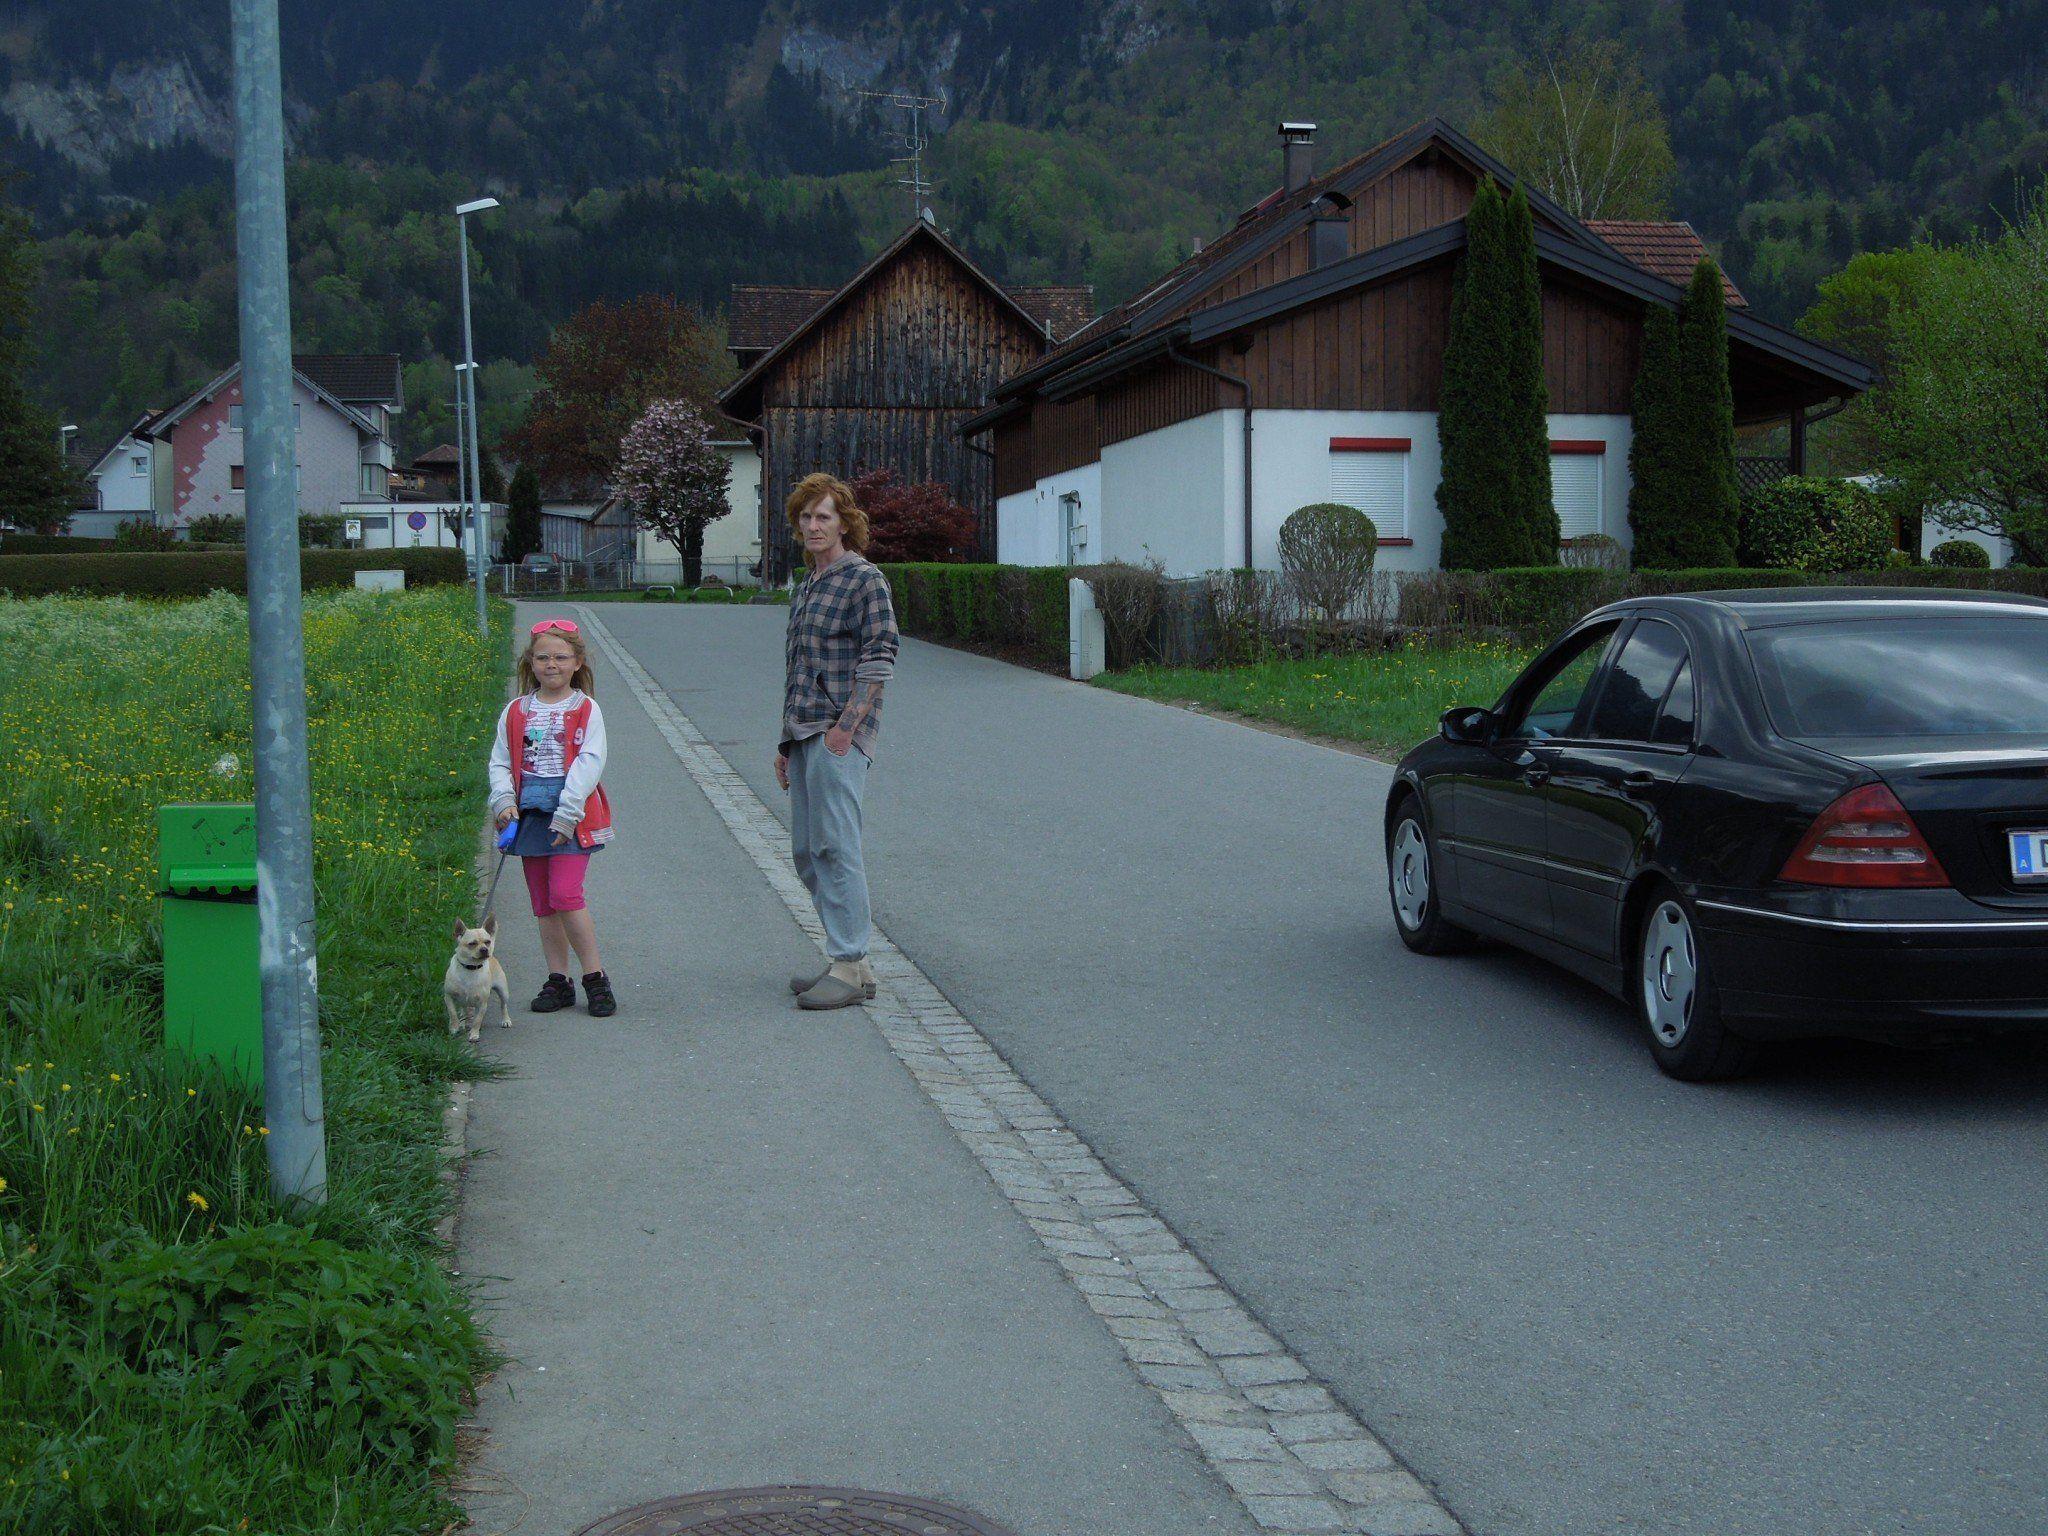 In der Kernstockstraße sind viele Kinder unterwegs und in letzter Zeit auch immer mehr Autos, beklagen die Anrainer.